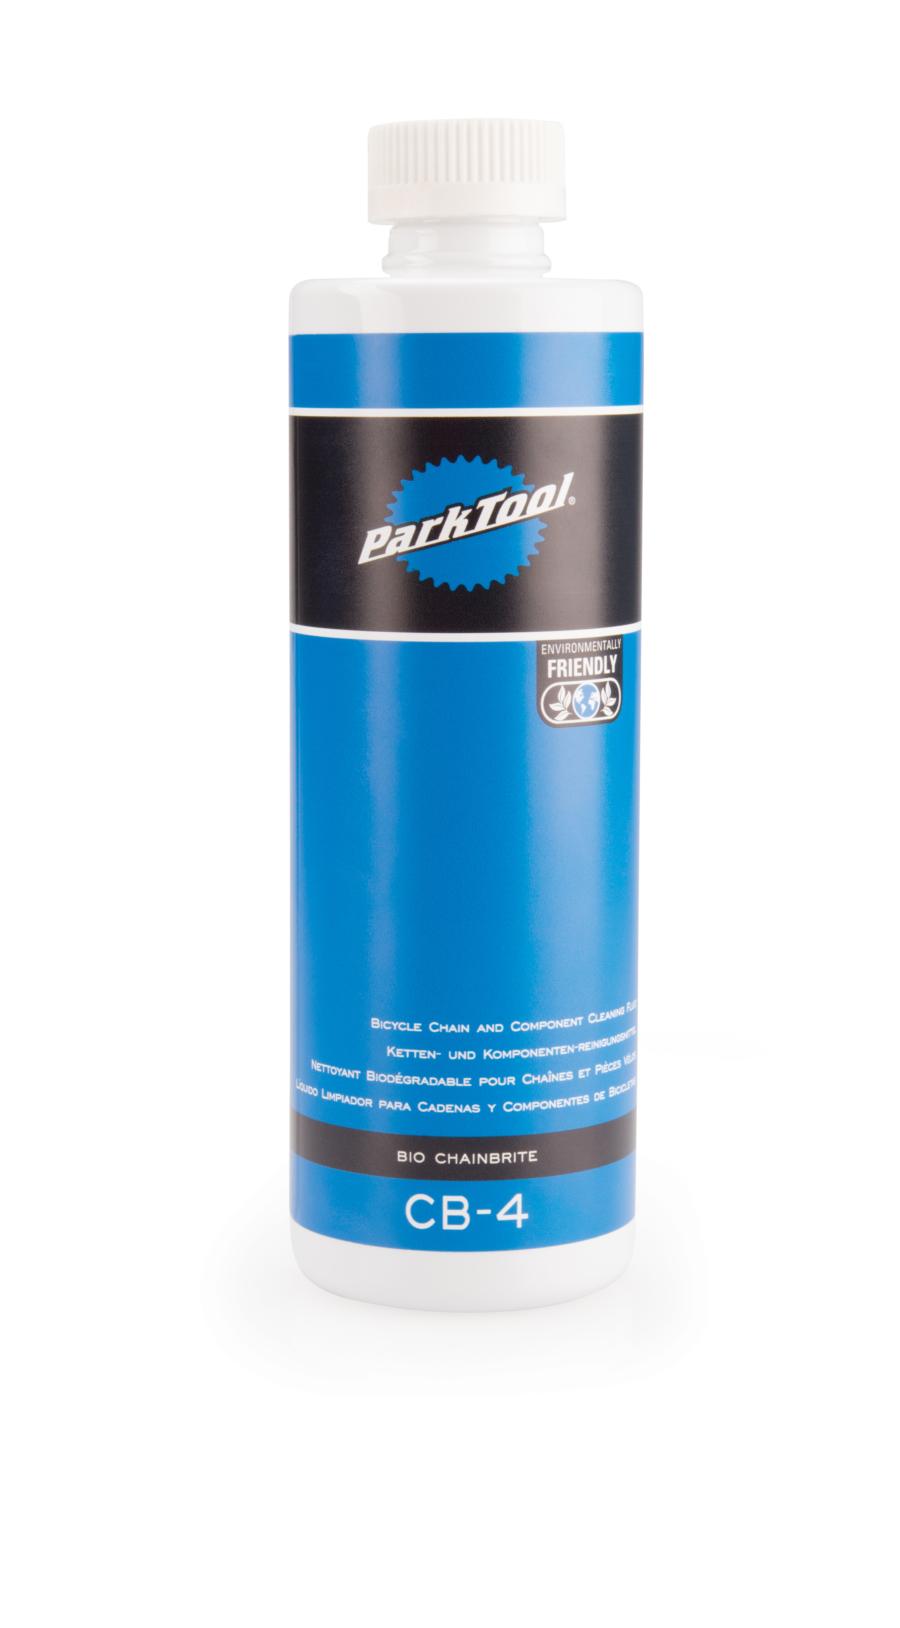 CB-4 Bio ChainBrite™